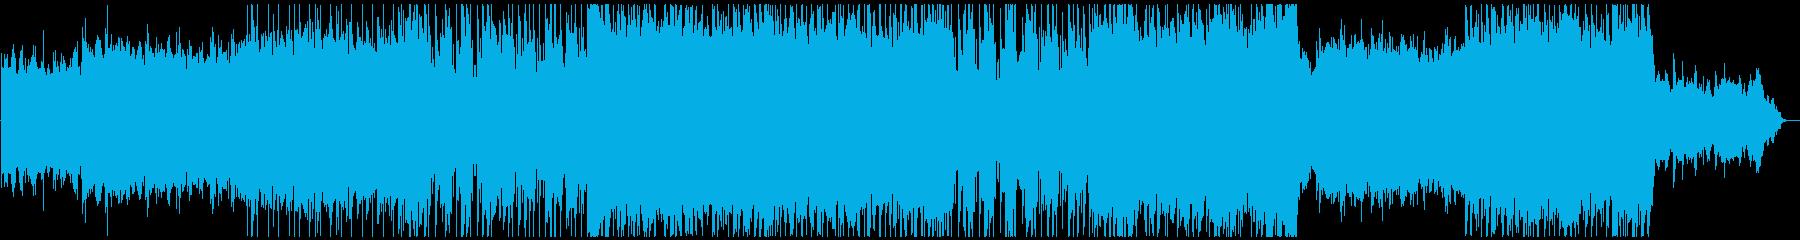 感動的ギターインスト曲ヒーロー賛歌の再生済みの波形